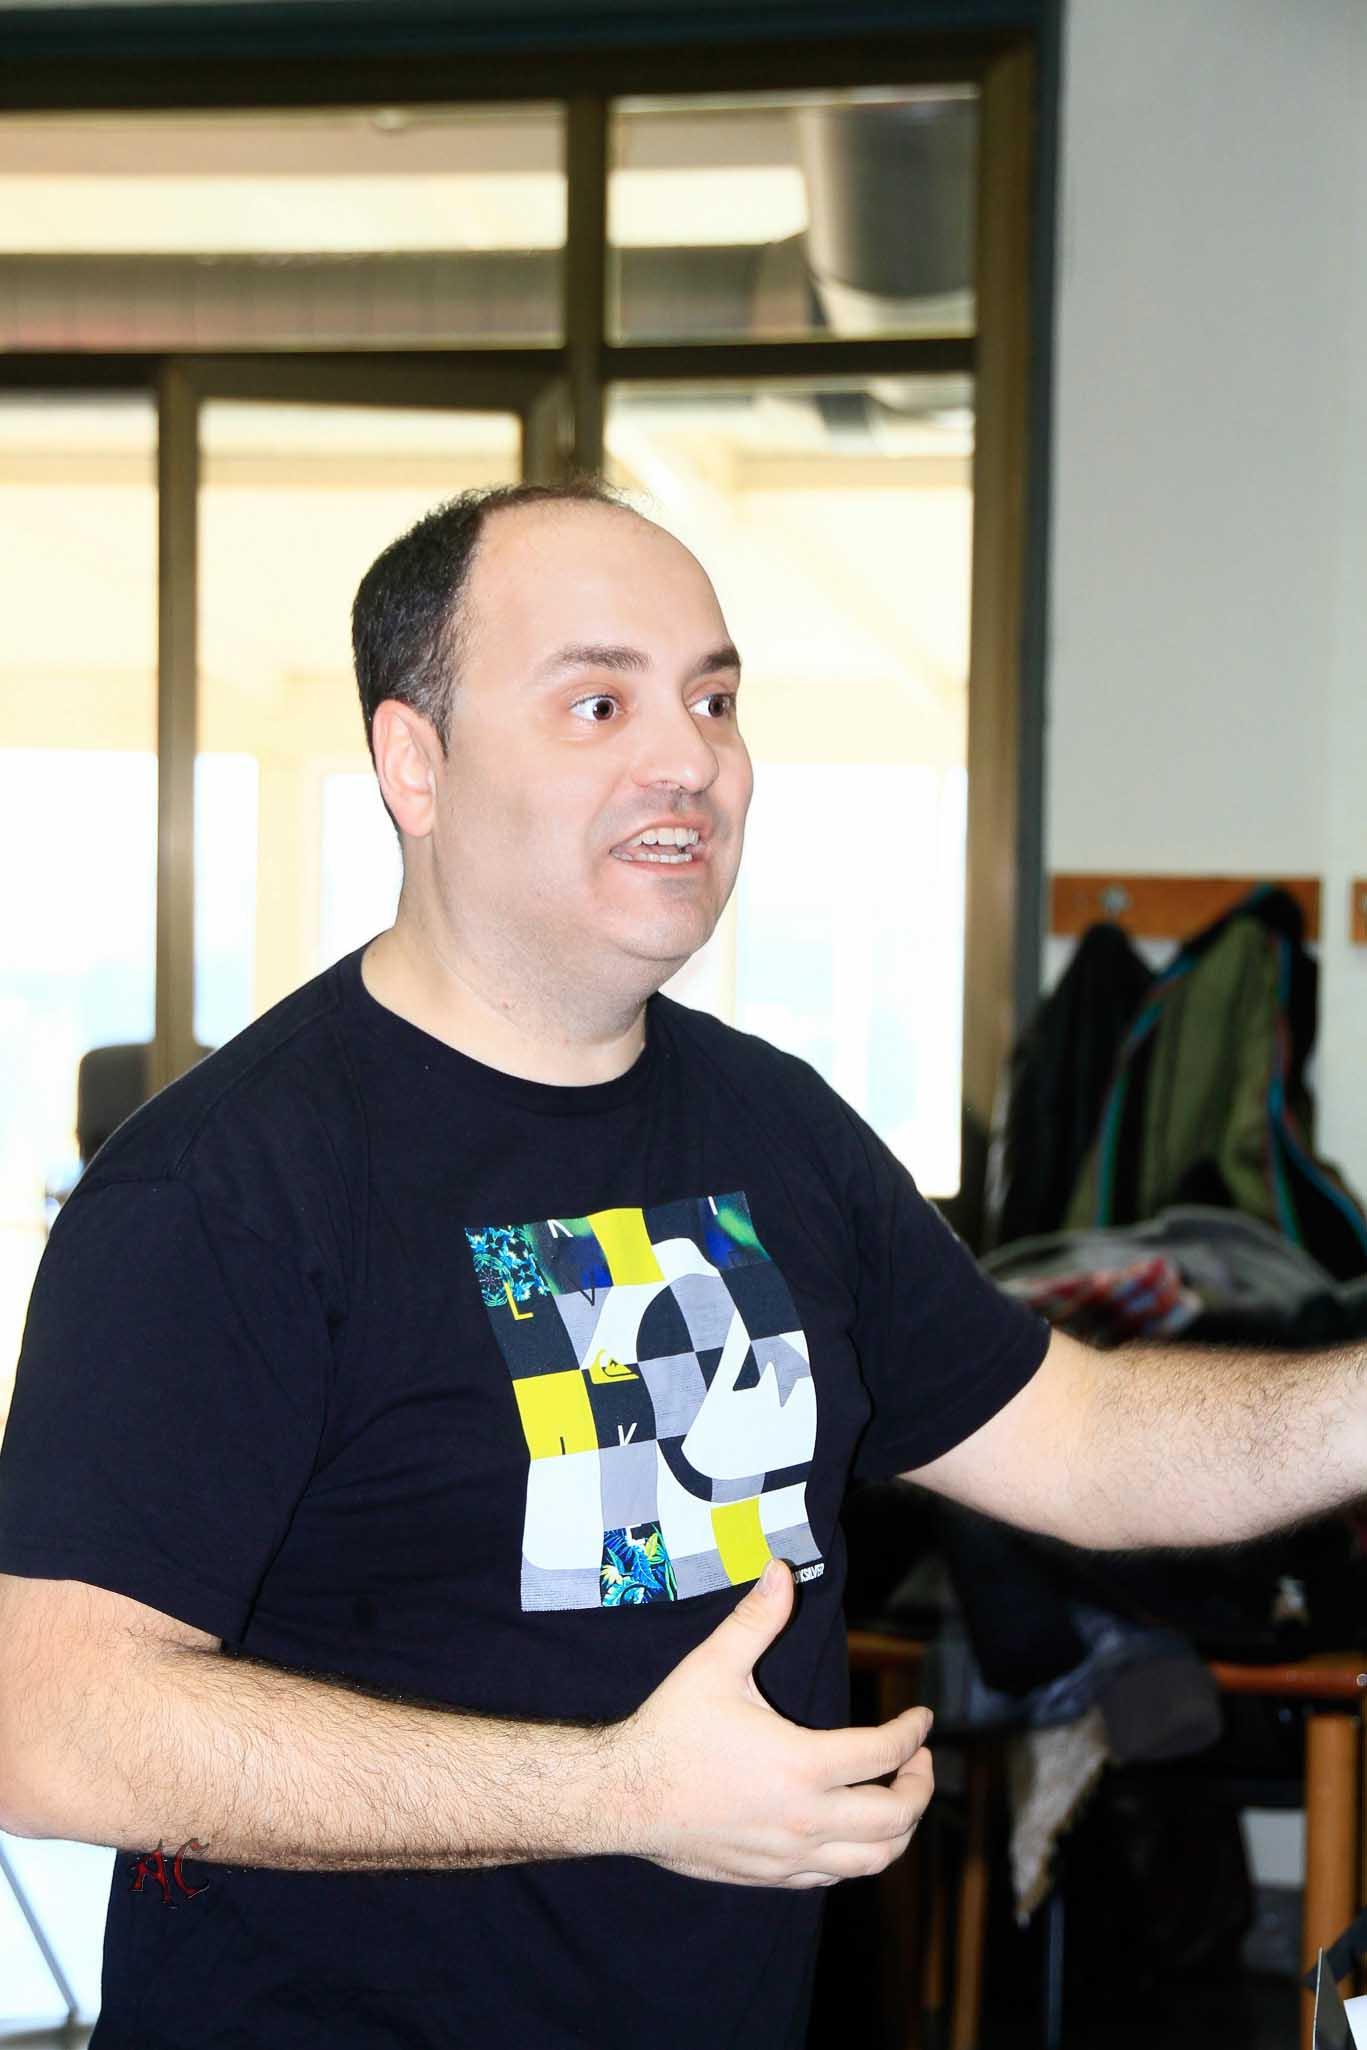 Fotografia de Ius Perez Director de Zirzira